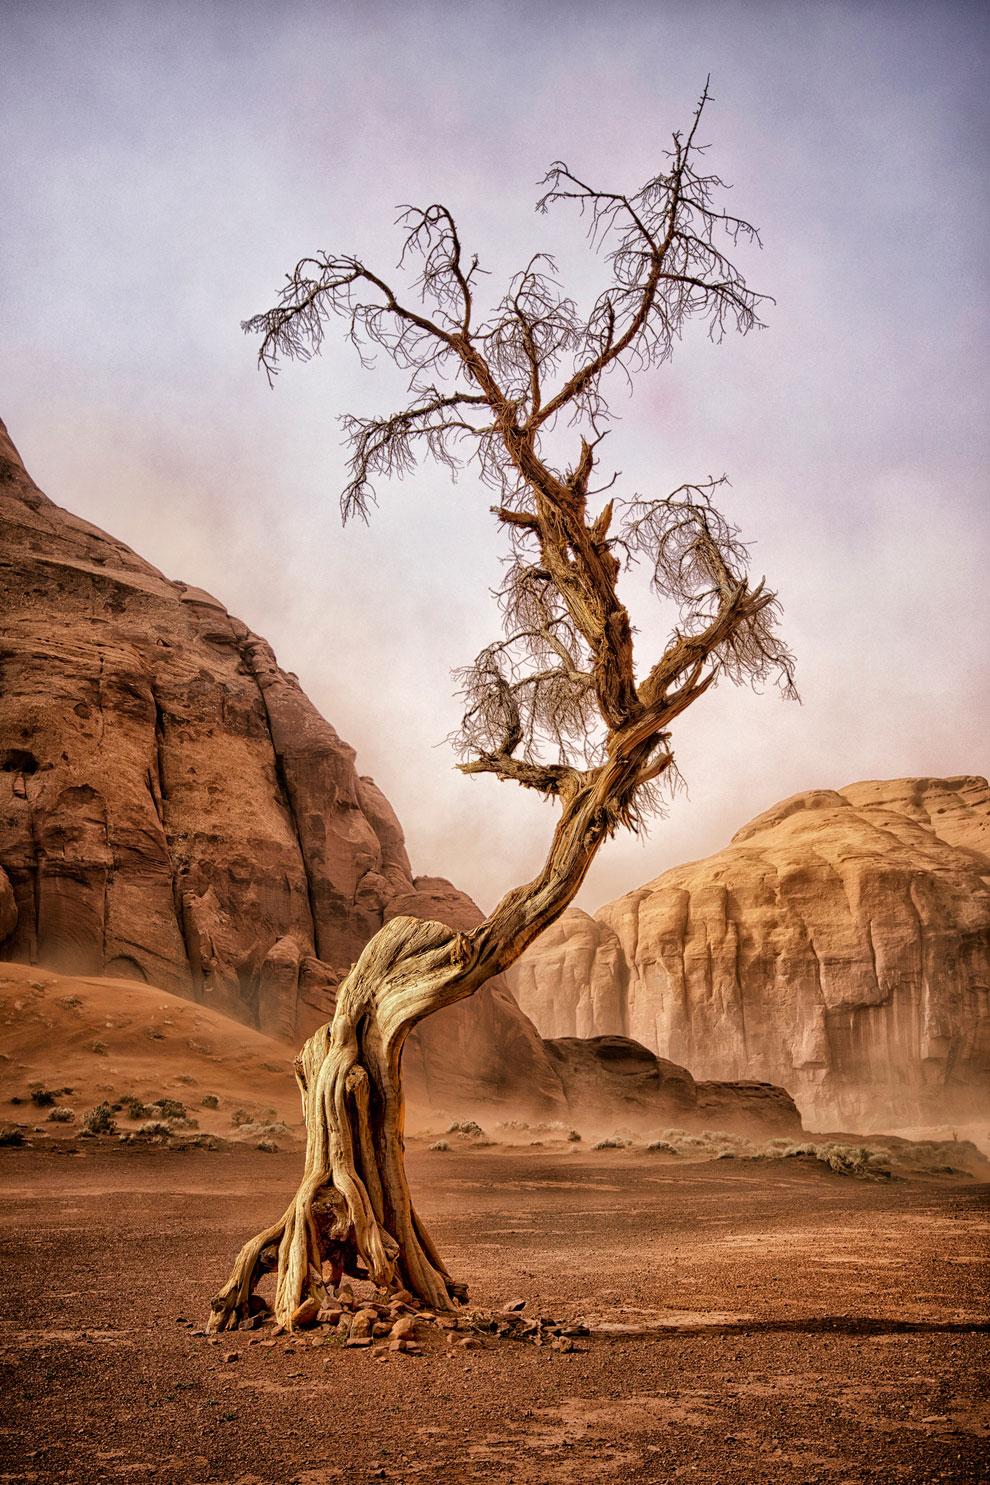 можжевельник в штате Аризона, фото